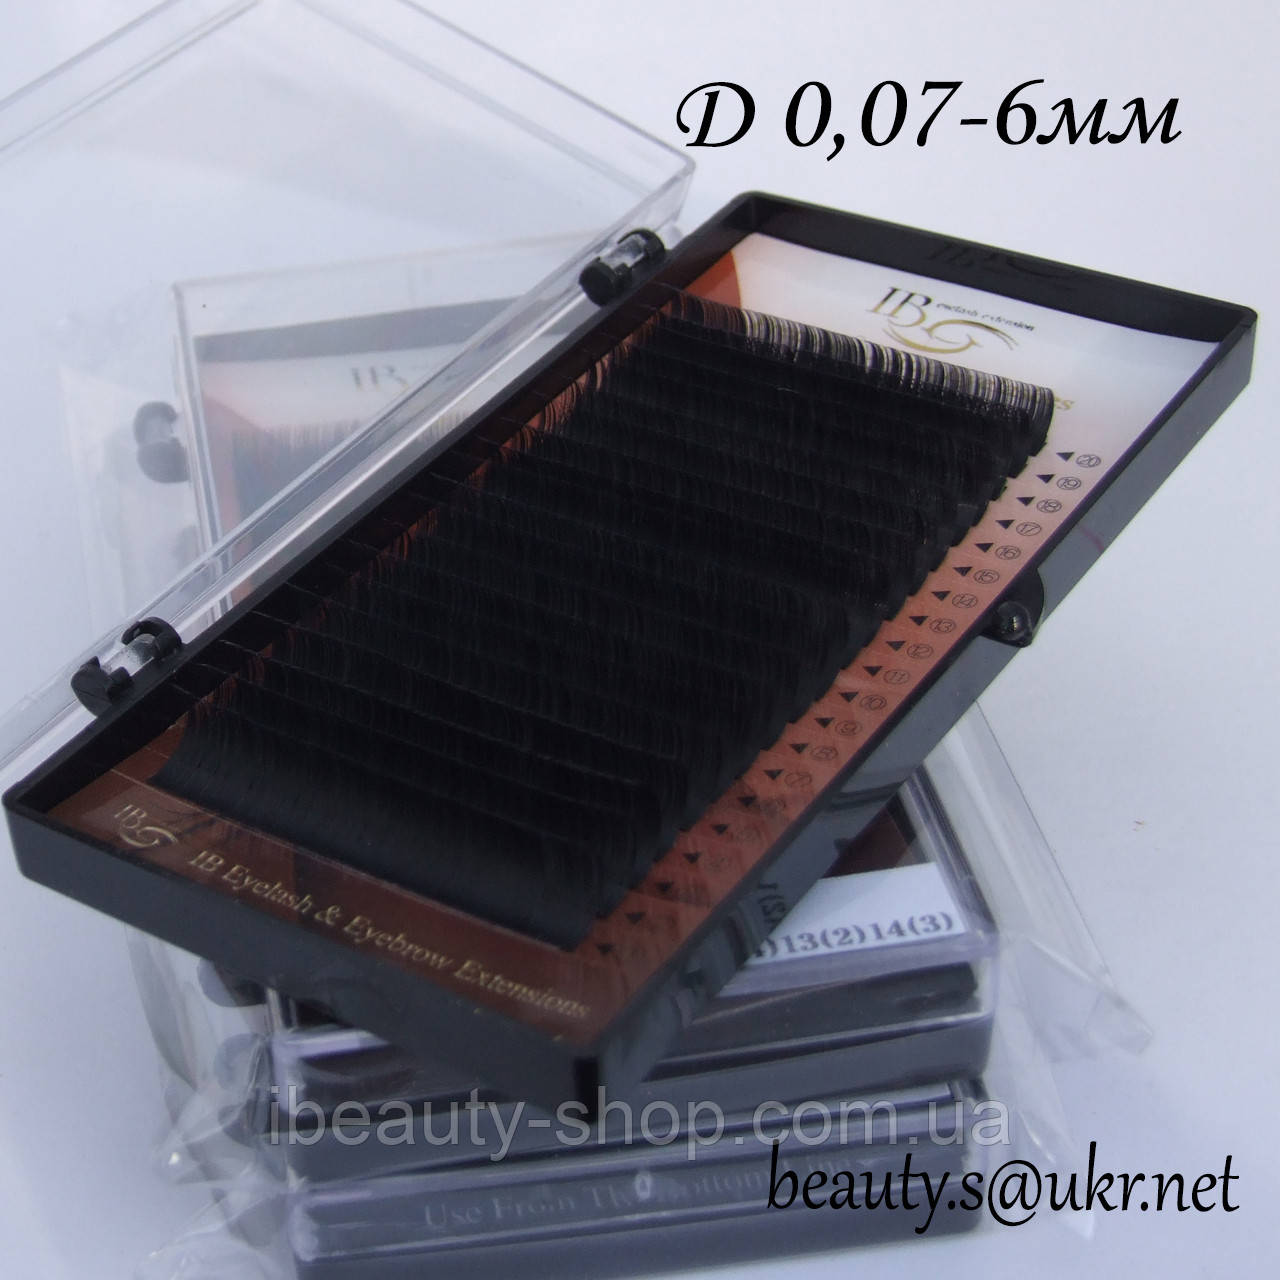 Ресницы  I-Beauty на ленте D-0,07 6мм